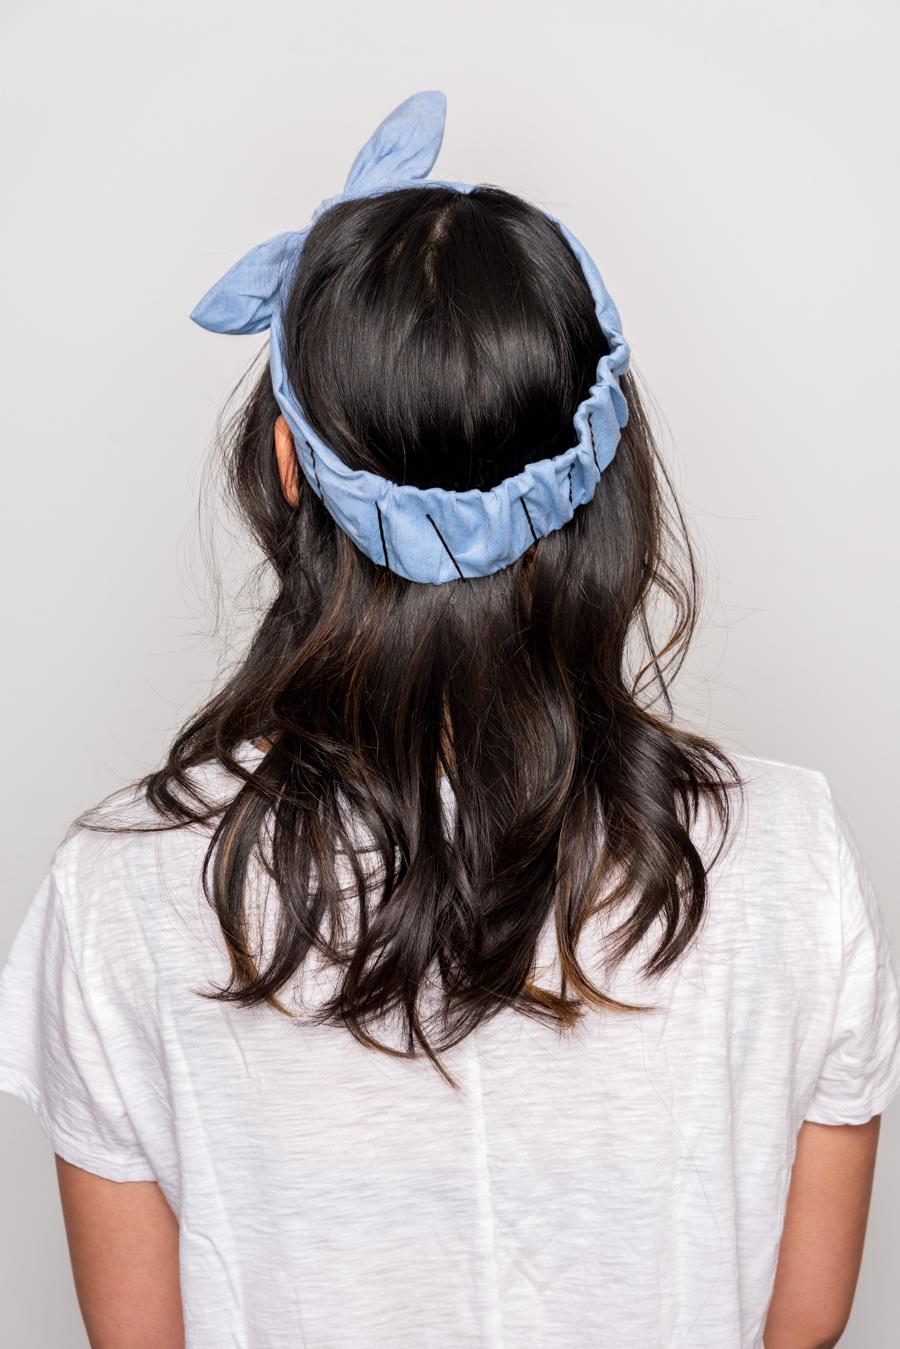 How To Do An Easy Headband Updo 夏にオススメの簡単ヘアアレンジ 4